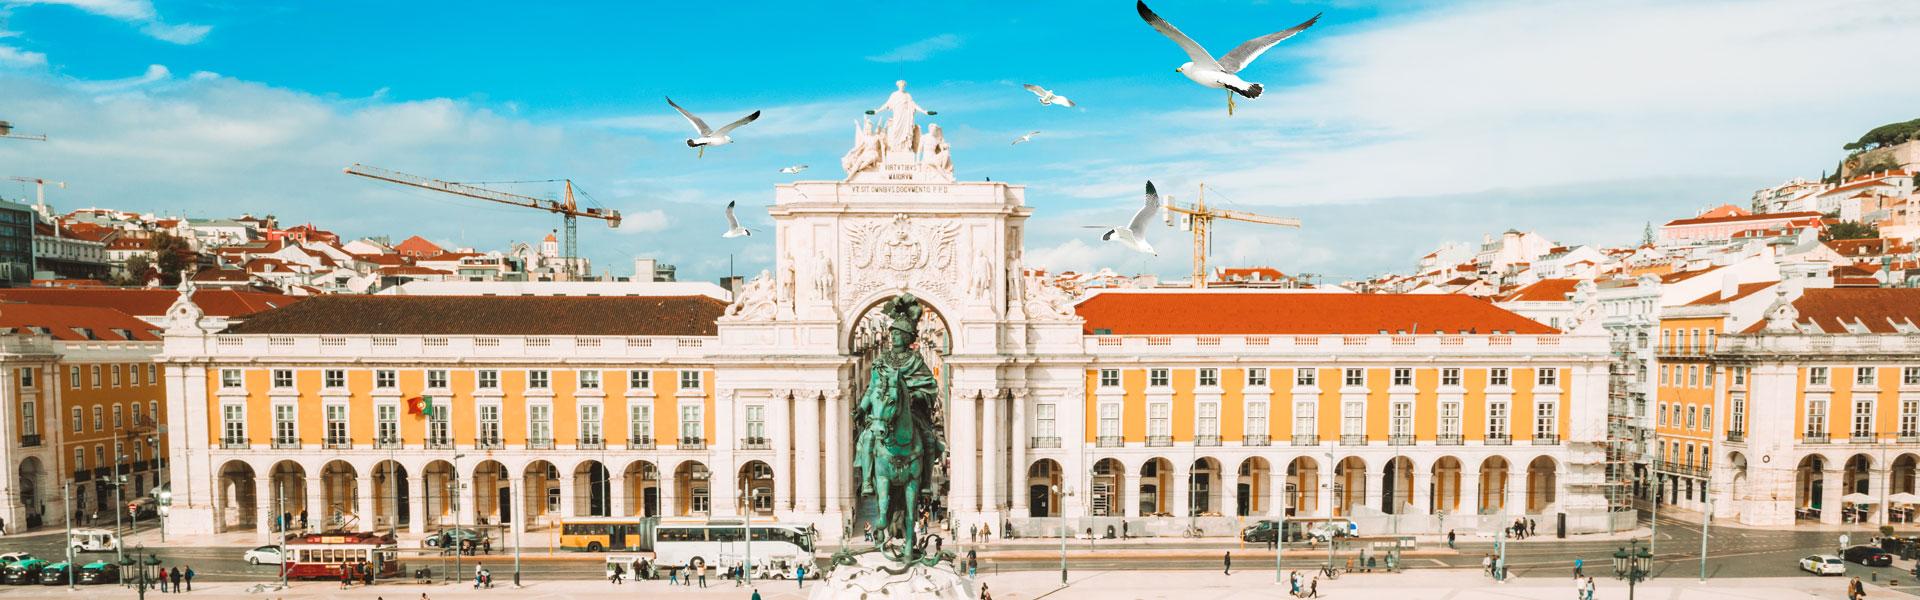 Лиссабон - город, который не оставит вас равнодушными